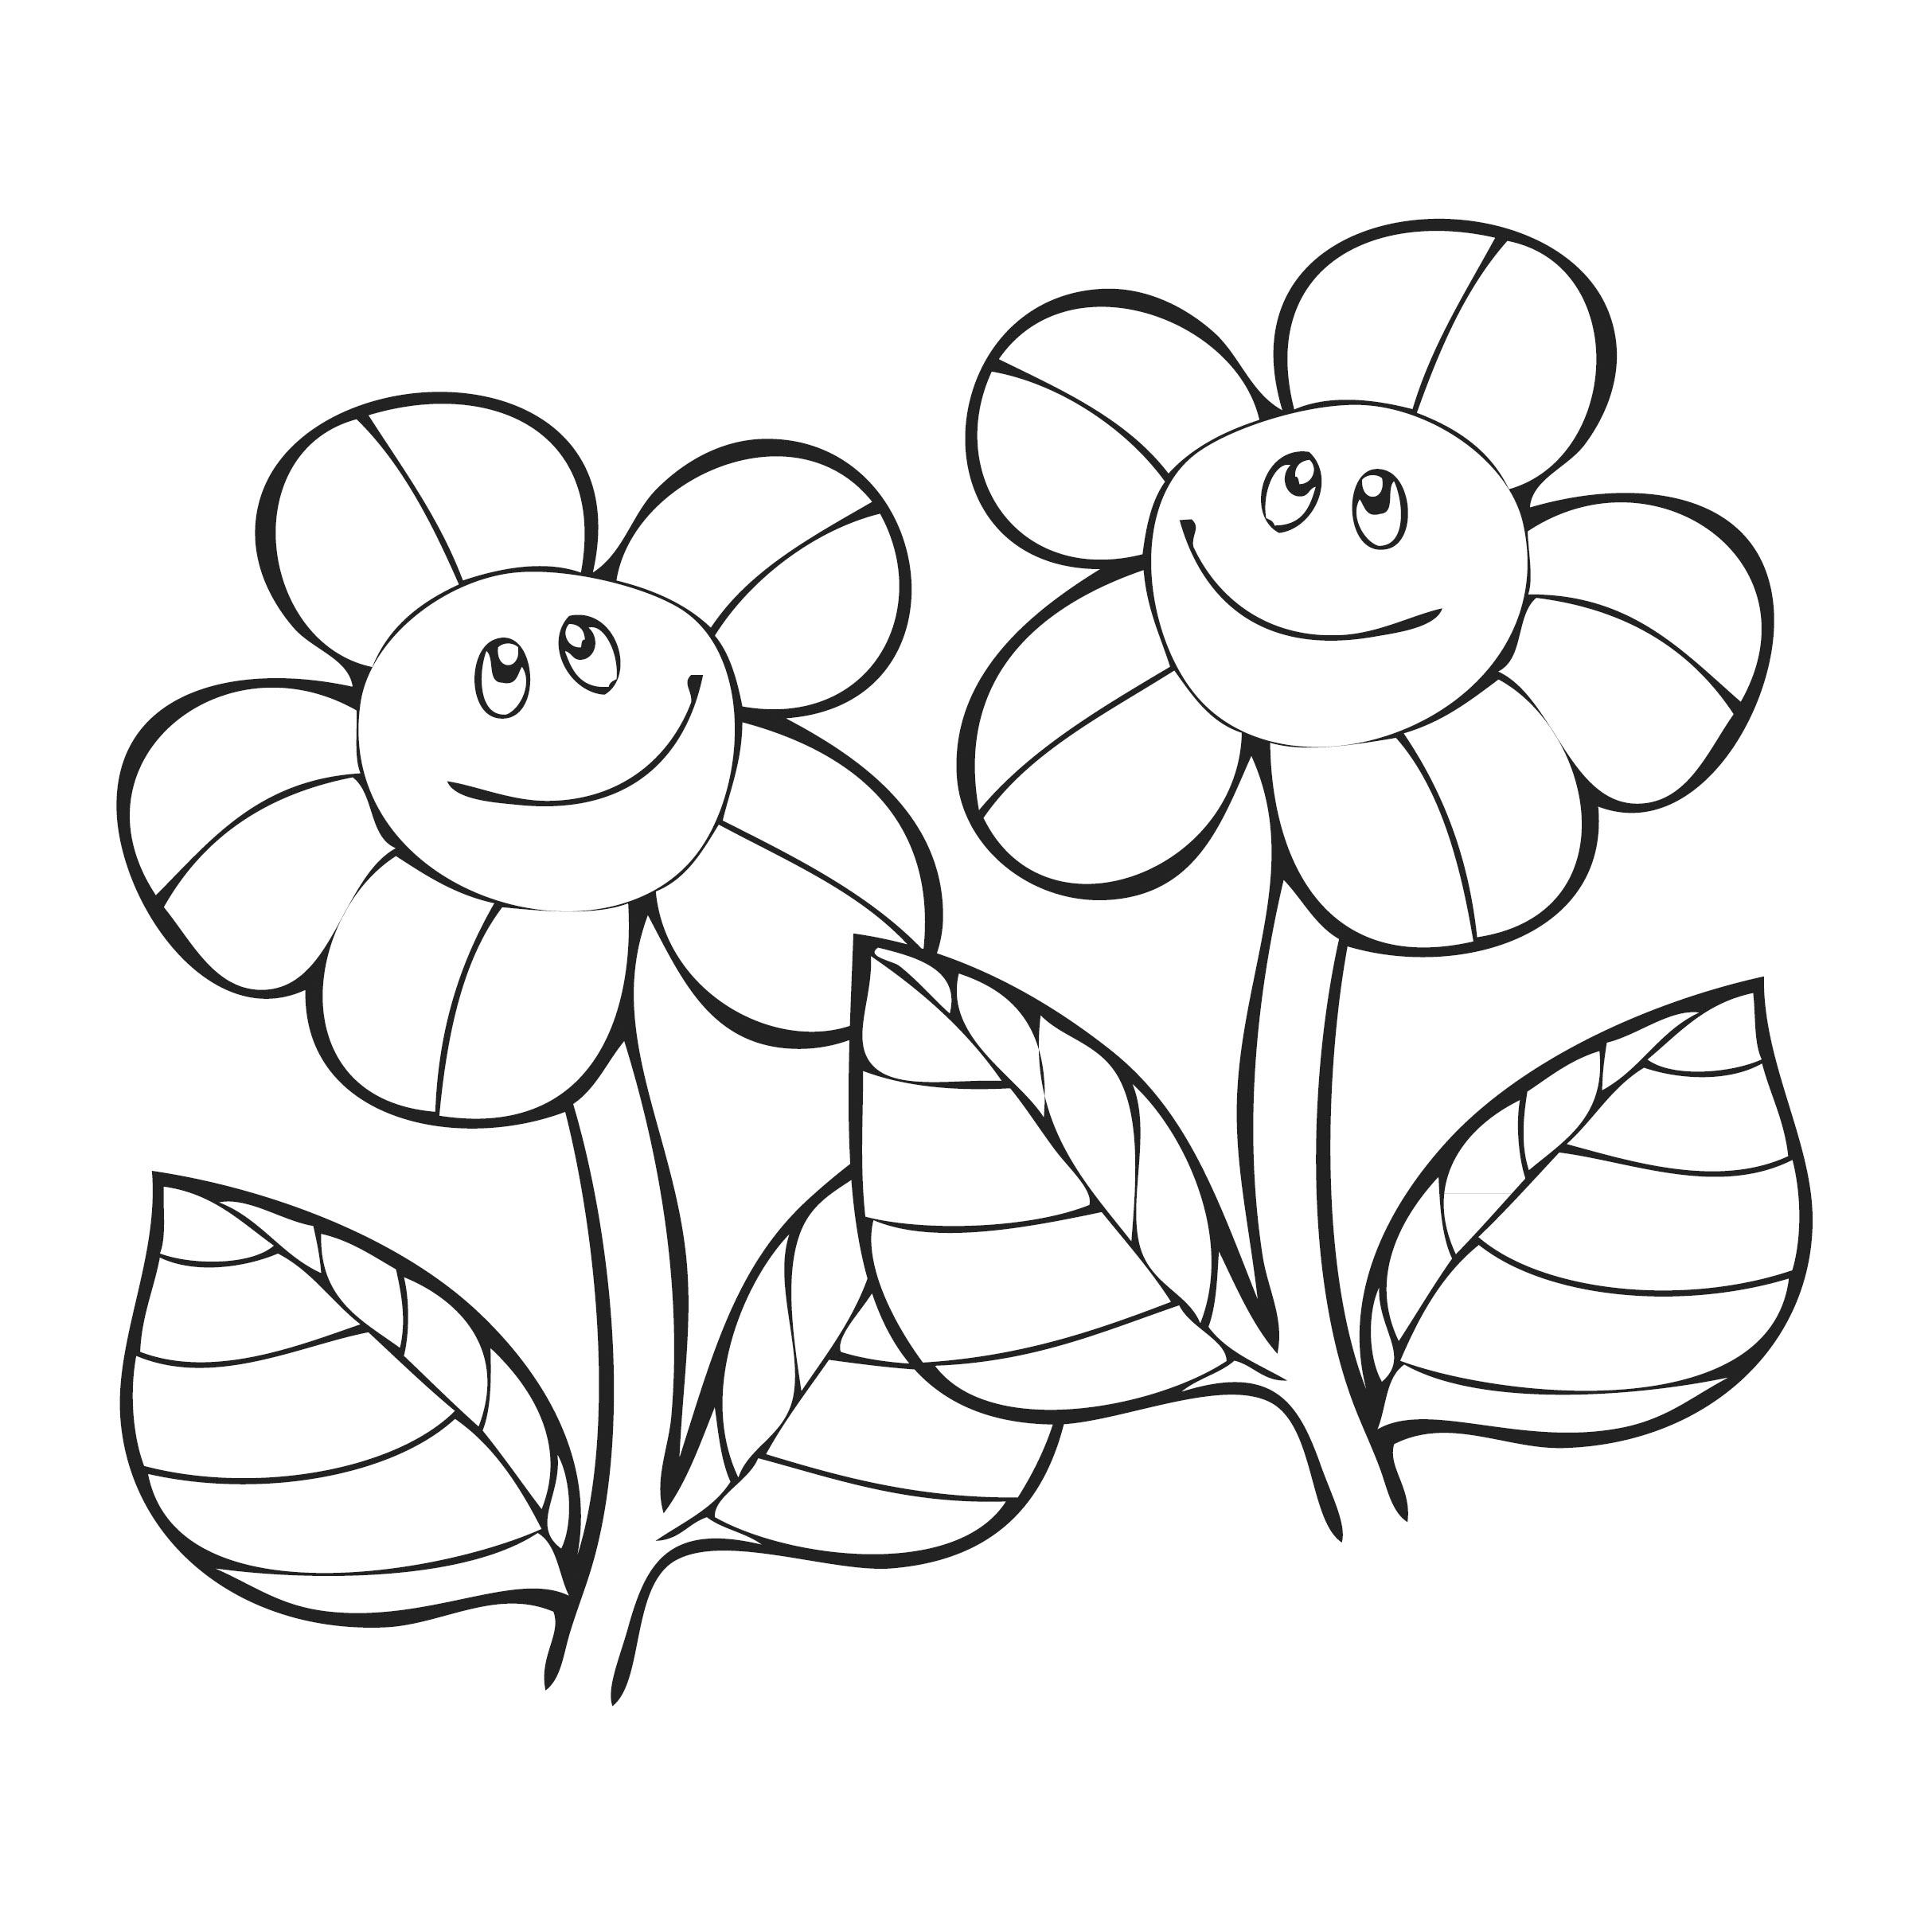 Kolorowe Kwiaty Ksiazki Dla Dzieci Wydawnictwo Dla Dzieci Md